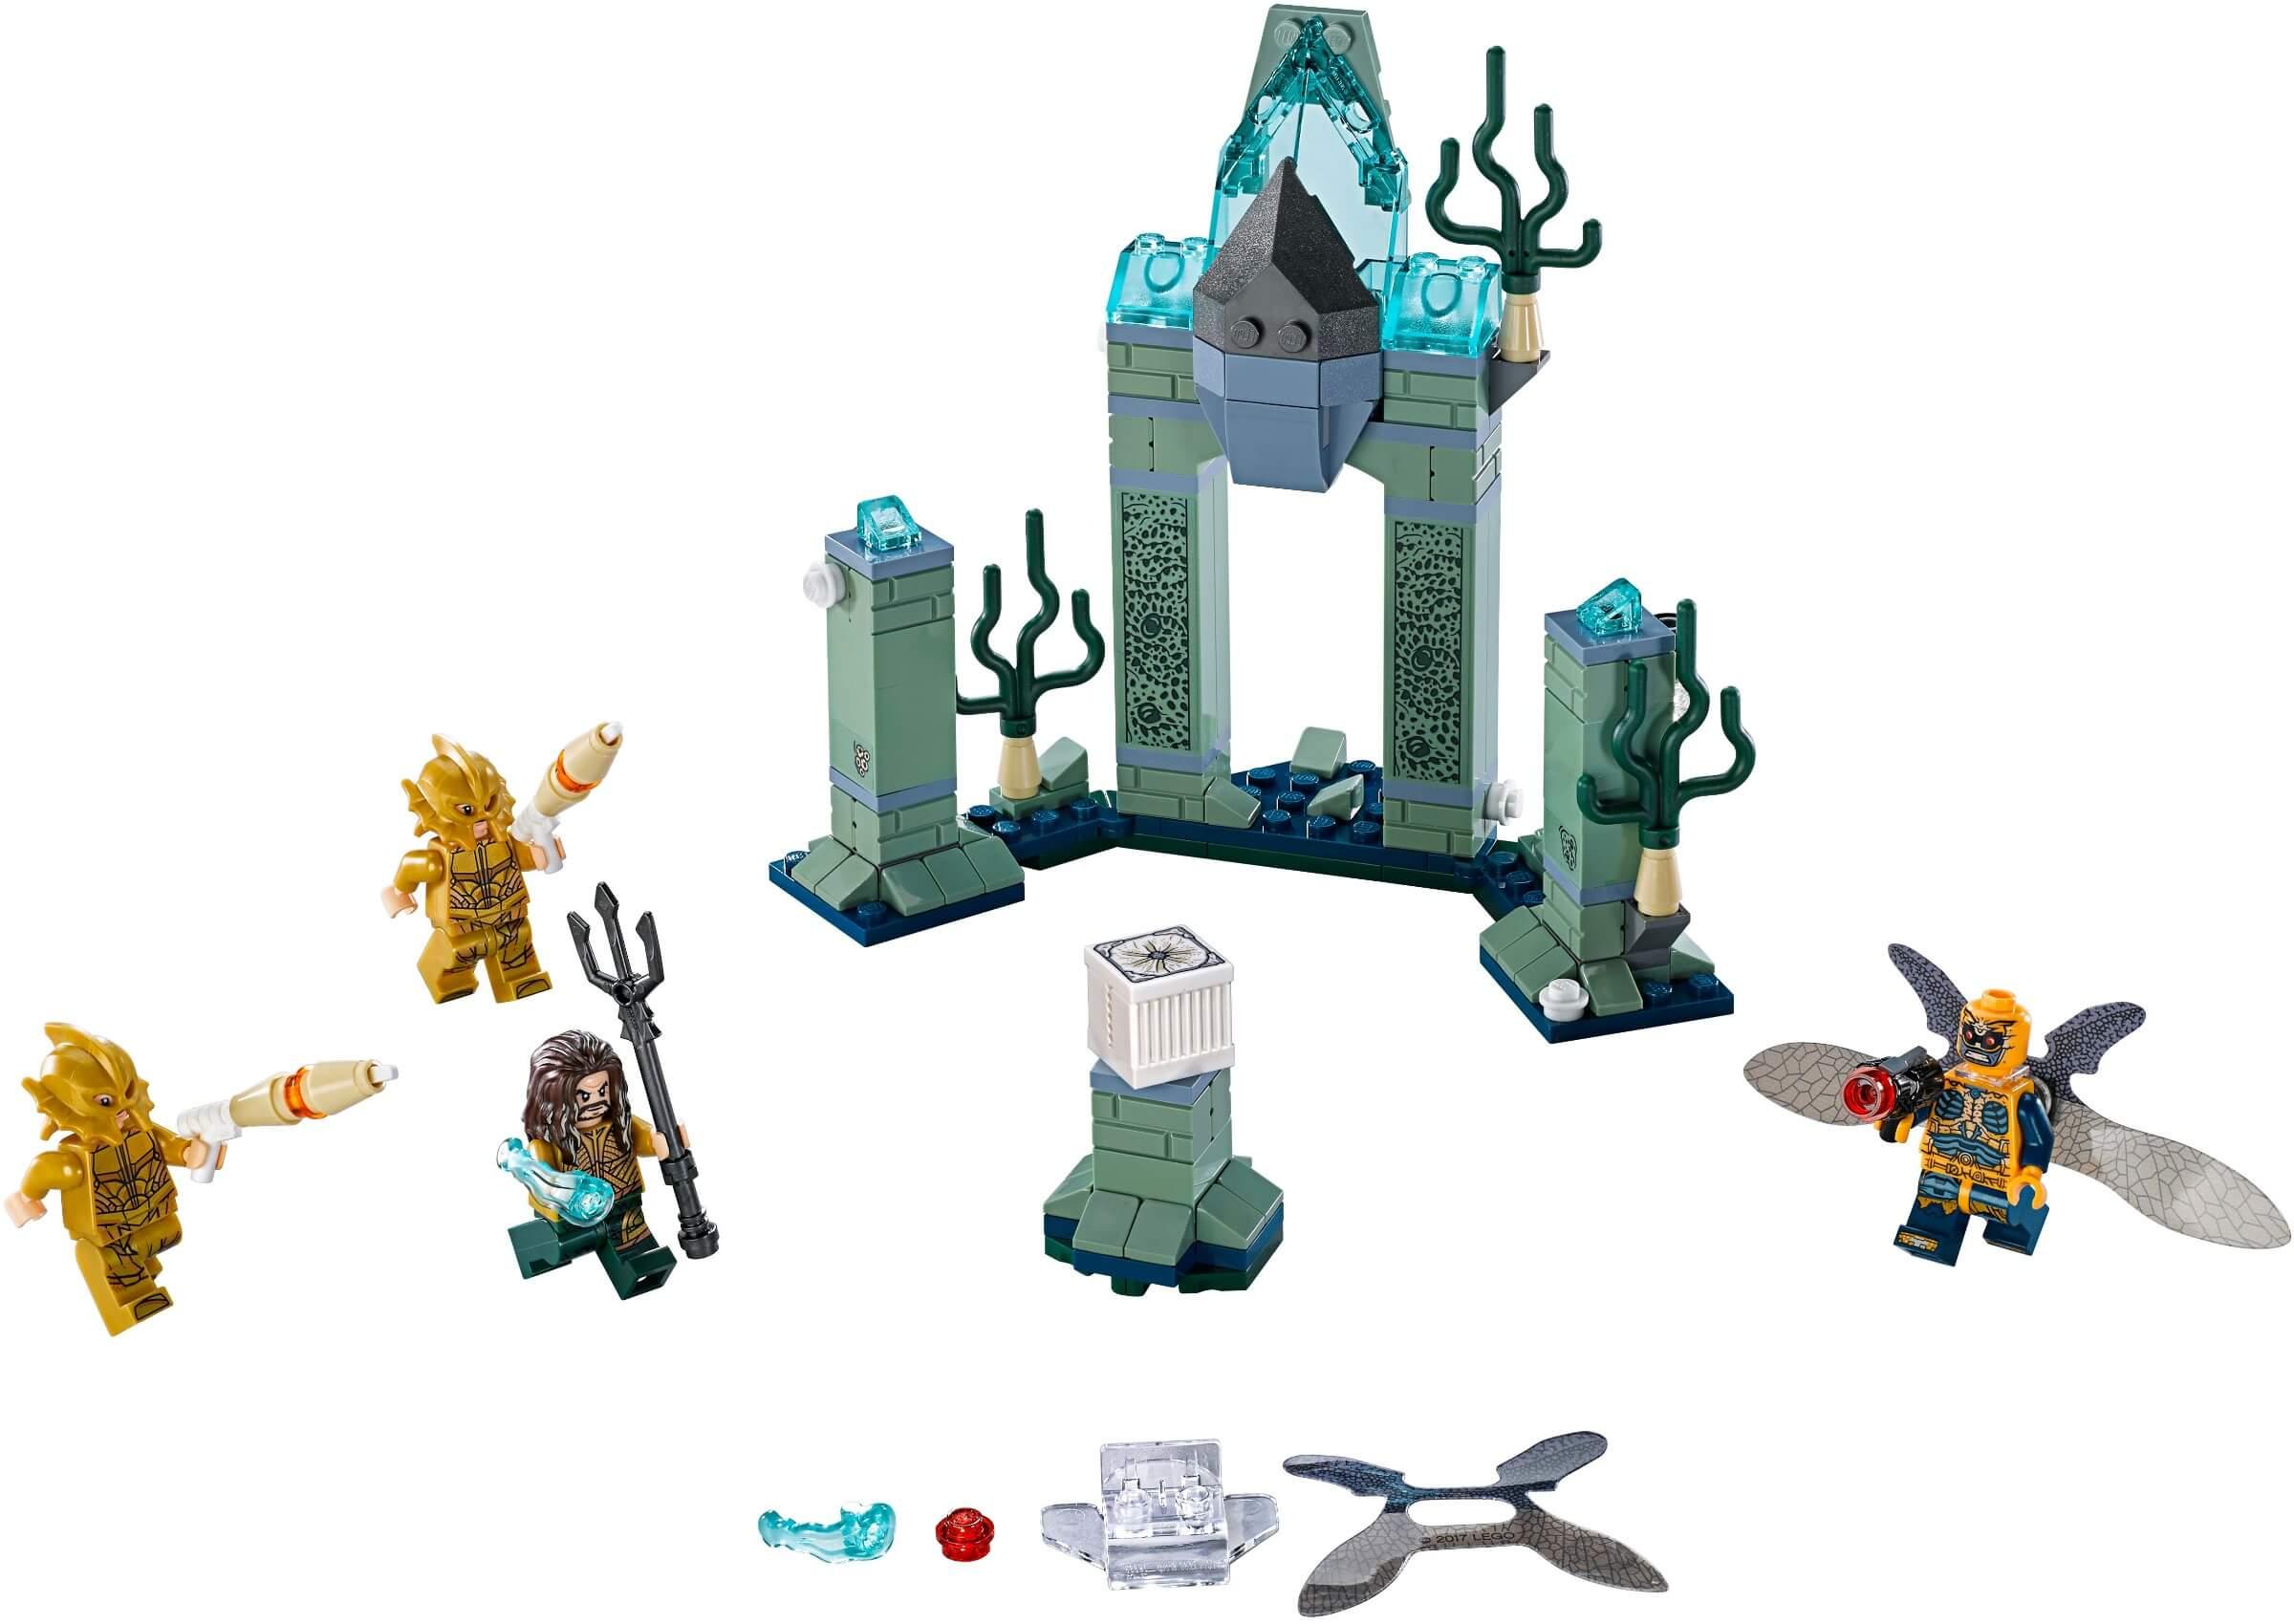 Mua đồ chơi LEGO 76085 - LEGO DC Comics Super Heroes 76085 - Trận Chiến ở Atlantis (LEGO DC Comics Super Heroes Battle of Atlantis)